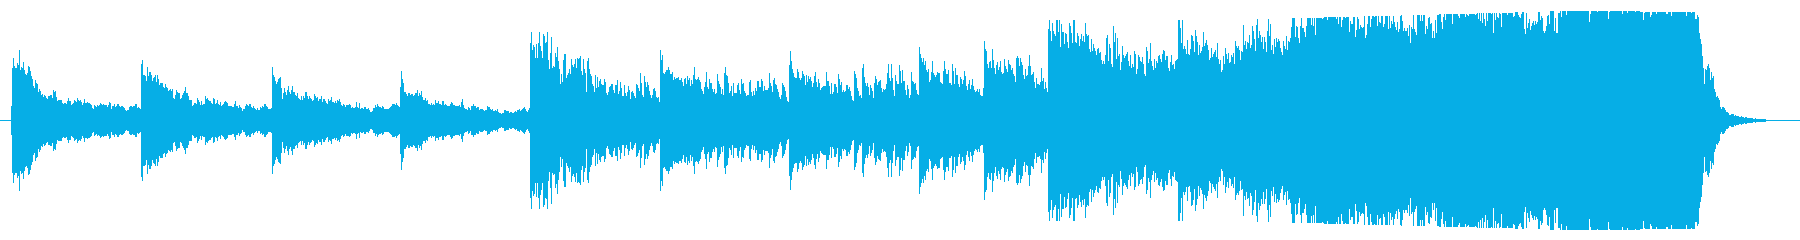 ピアノとオーケストラの壮大な曲の再生済みの波形